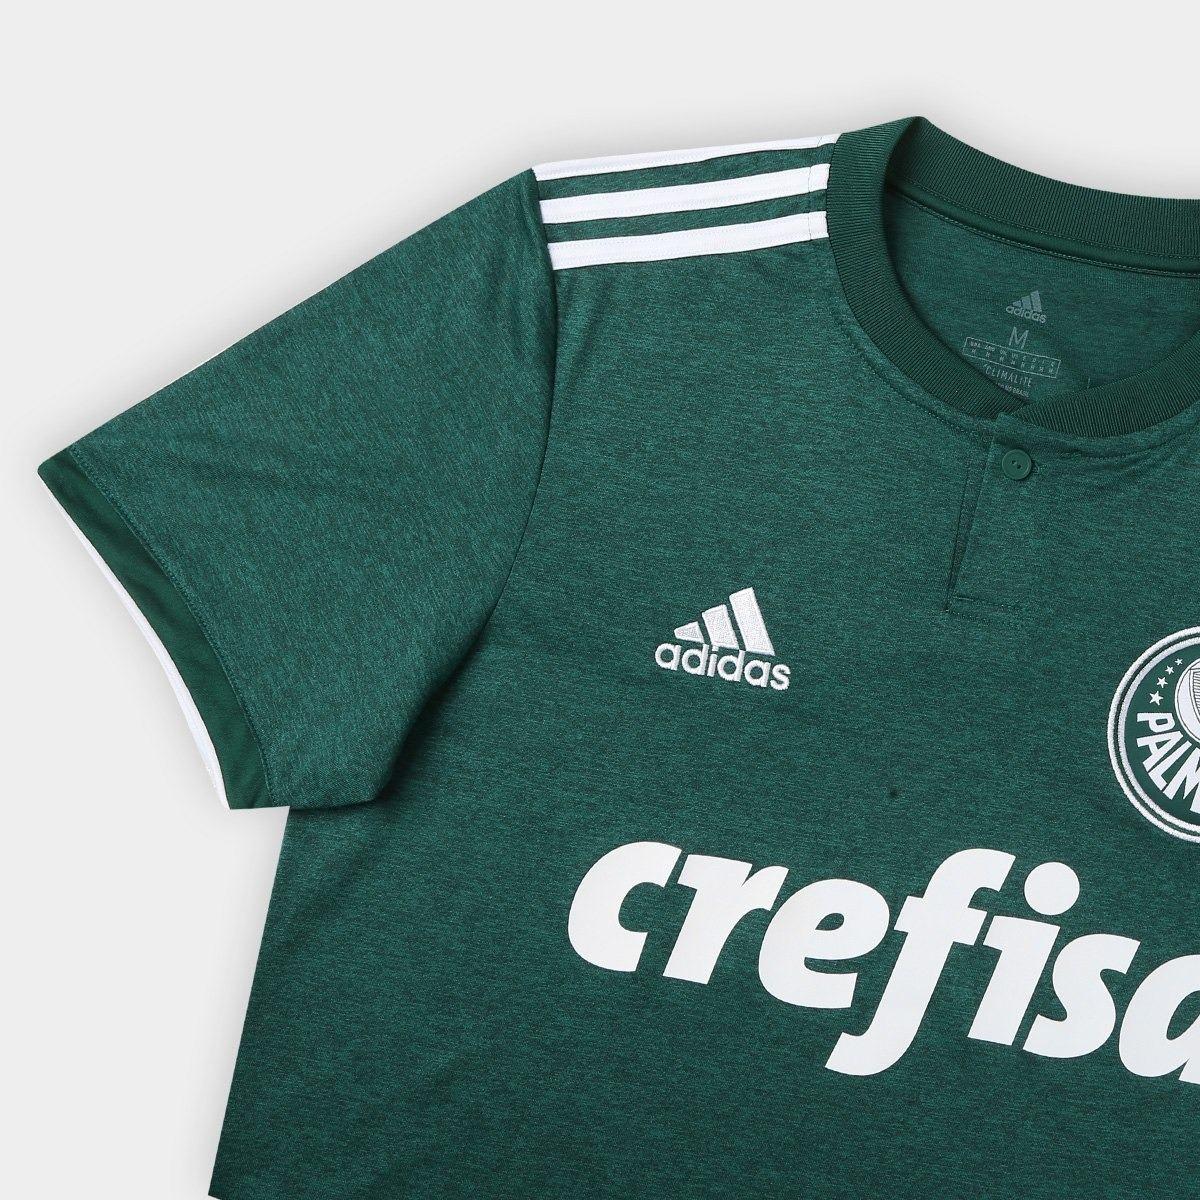 Camisa Palmeiras 2018 100% Original Frete Gratis - R  139 b034906d5e341